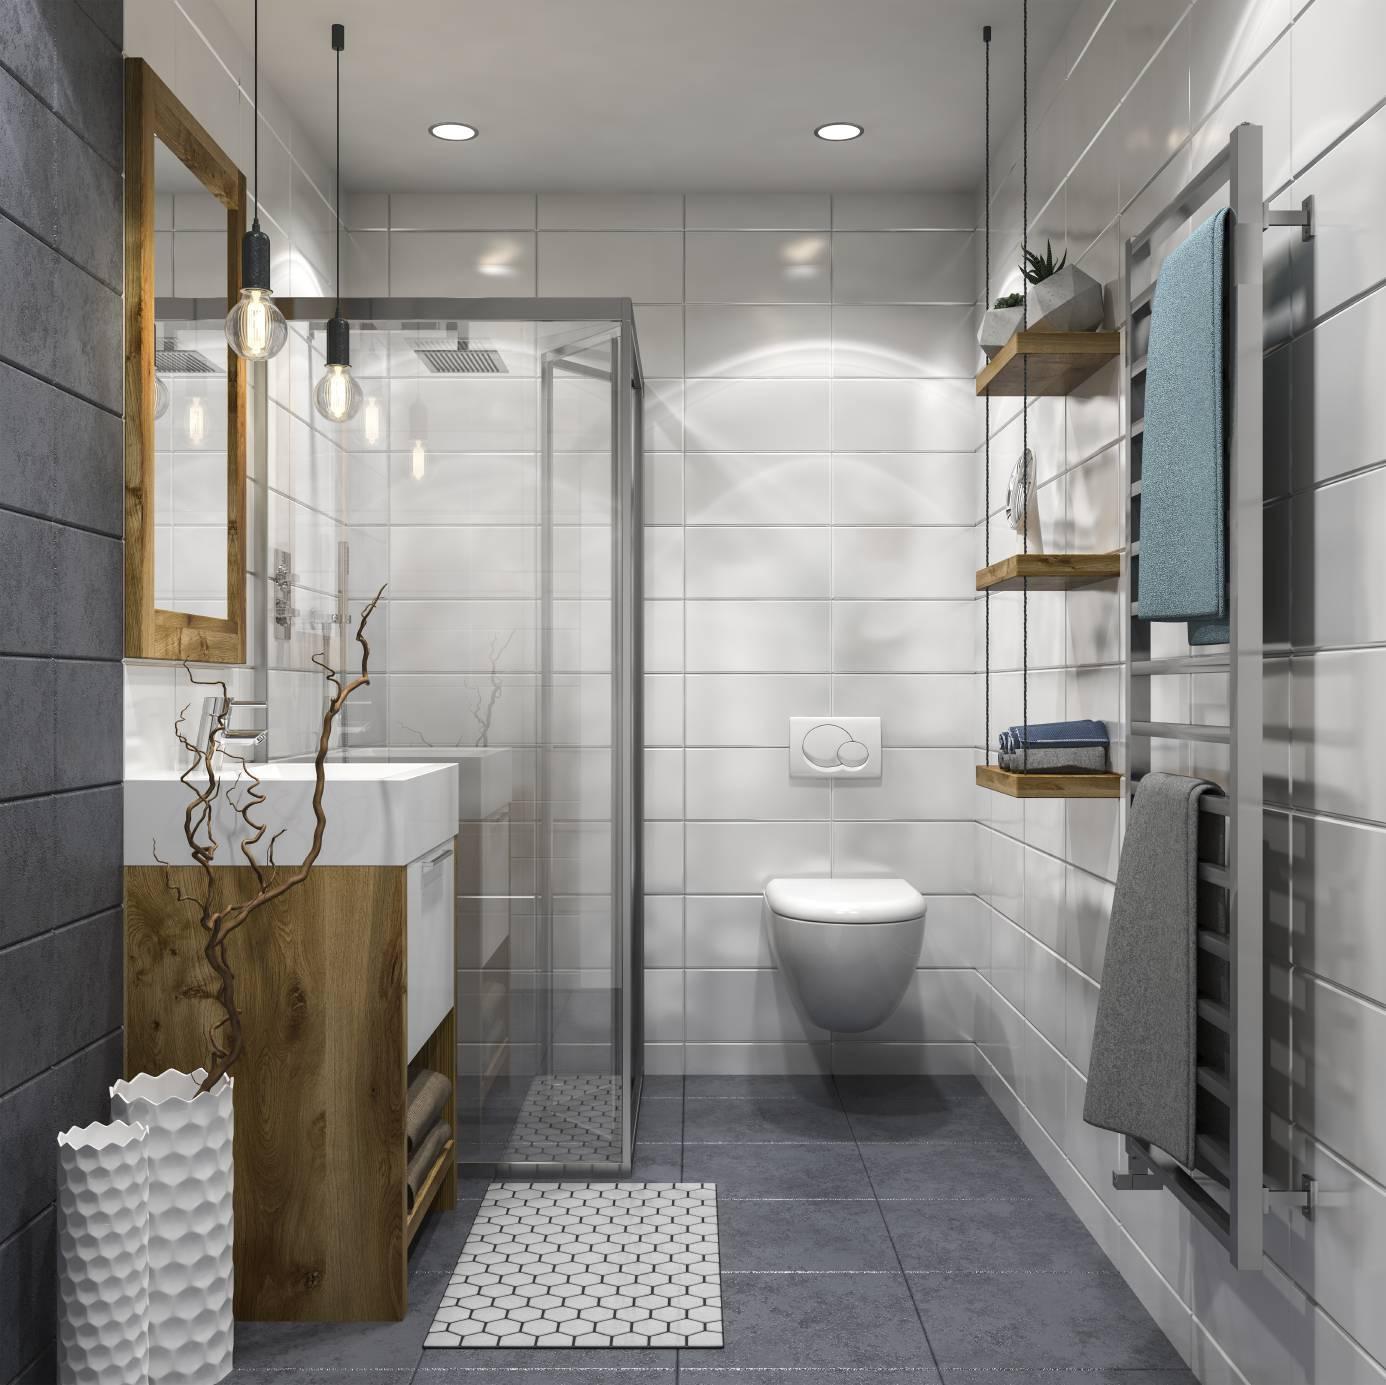 Conseils pour l 39 clairage de votre salle de bains - Les photos de salle de bain ...